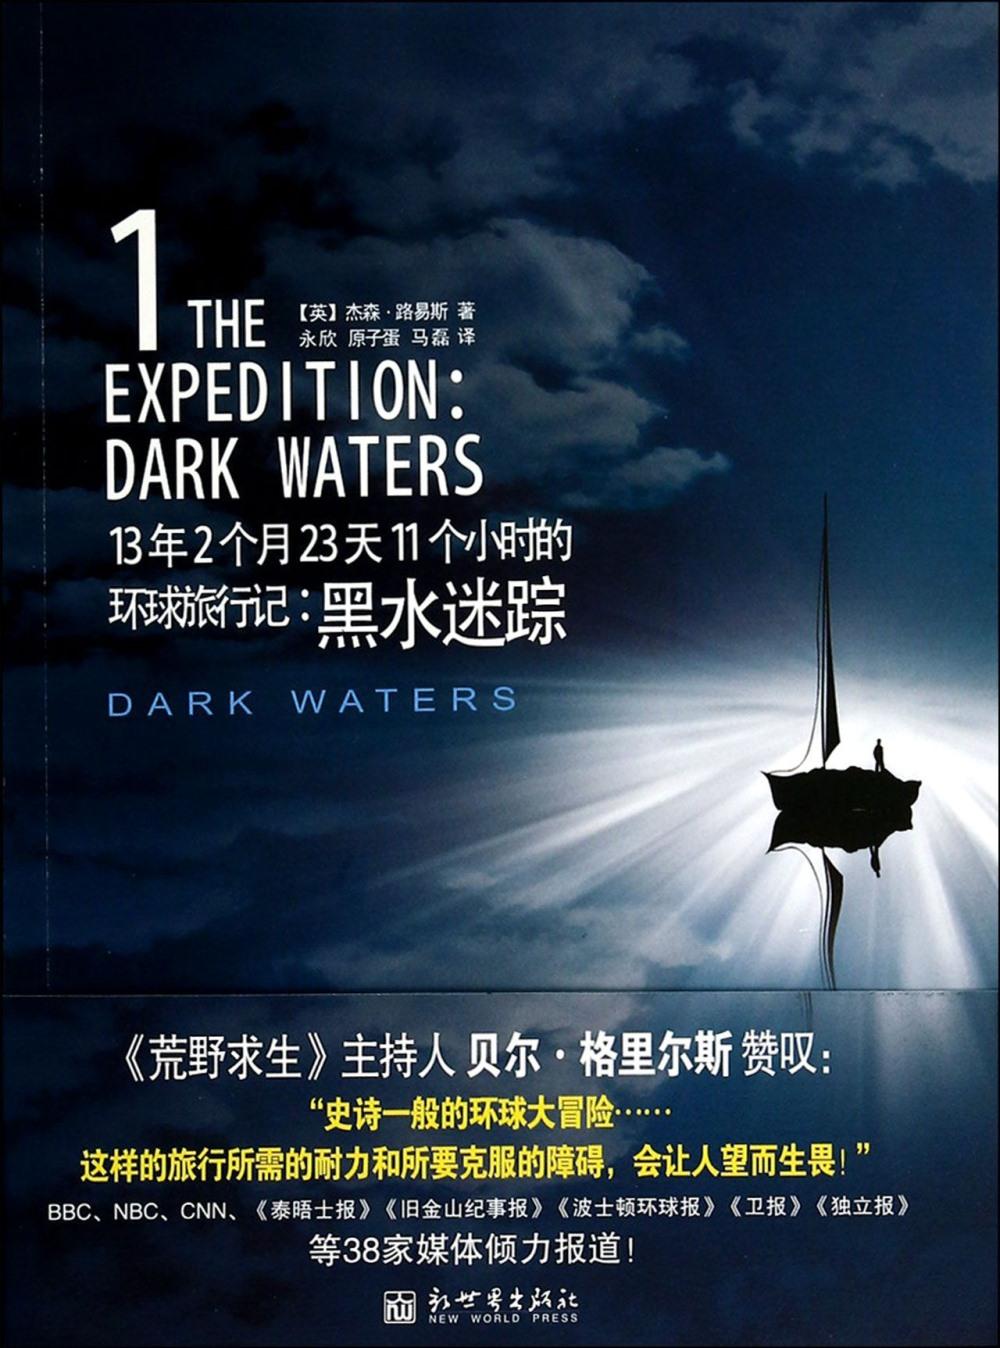 13年2個月23天11個小時的環球旅行記:黑水迷蹤